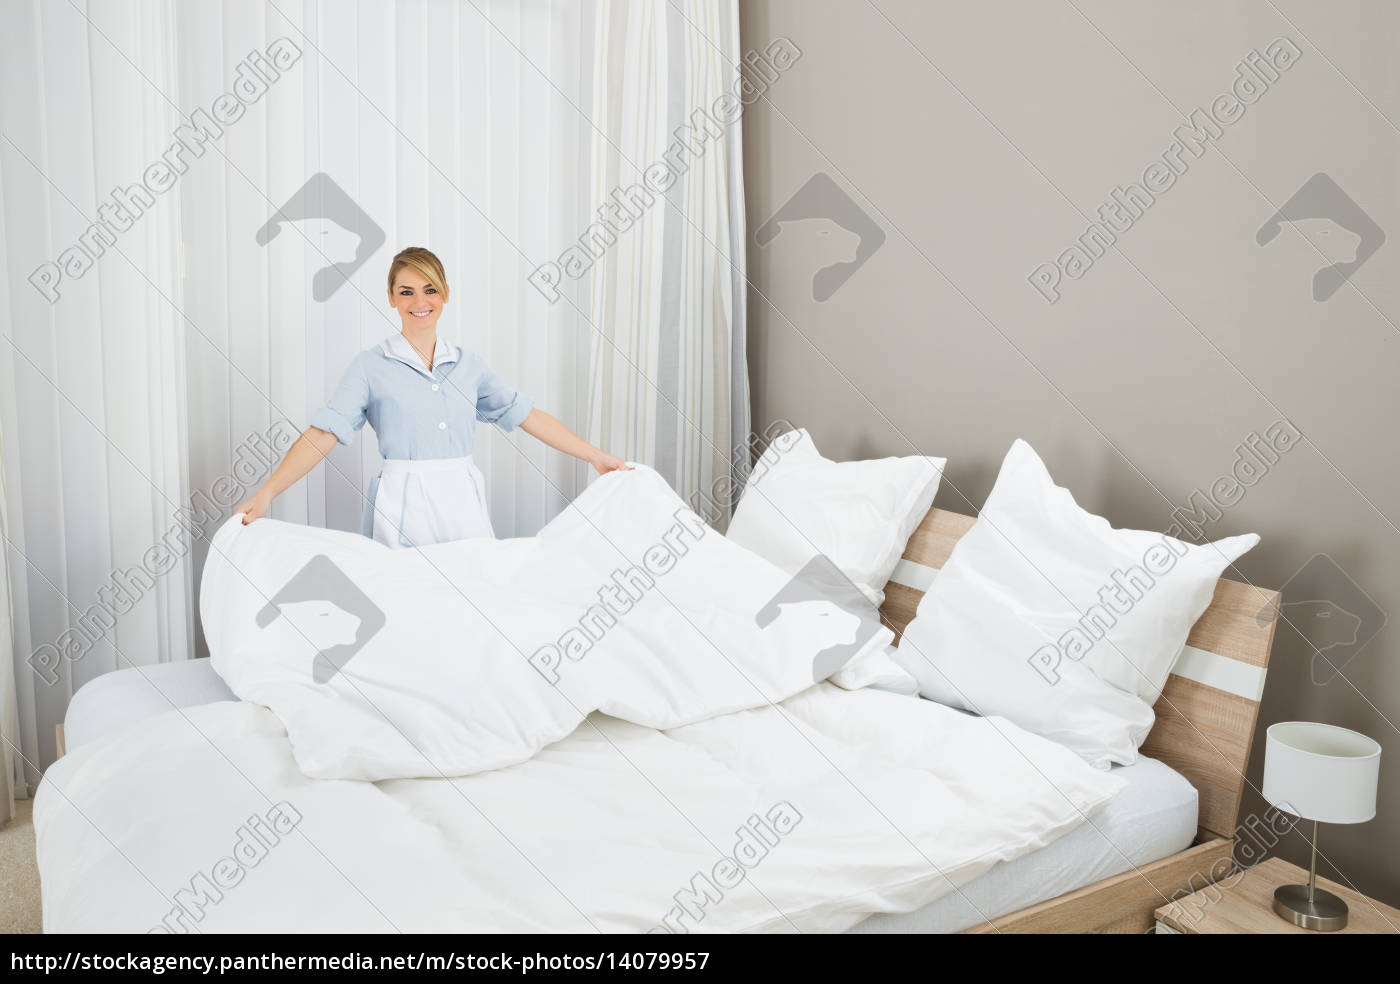 female, housekeeping, worker, making, bed - 14079957